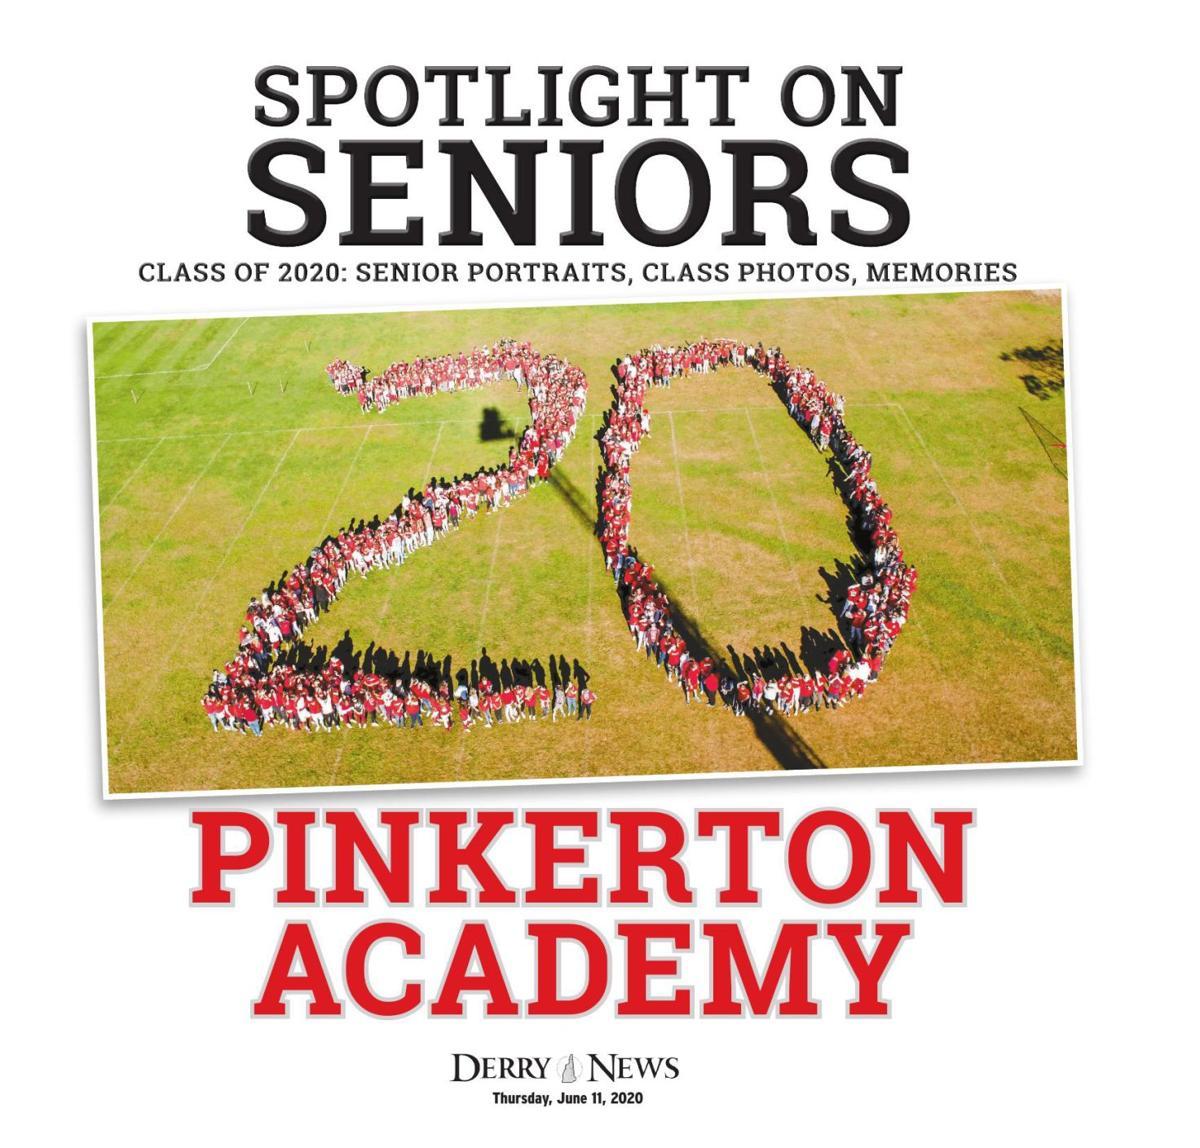 Pinkerton Academy Spotlight on Seniors 20202